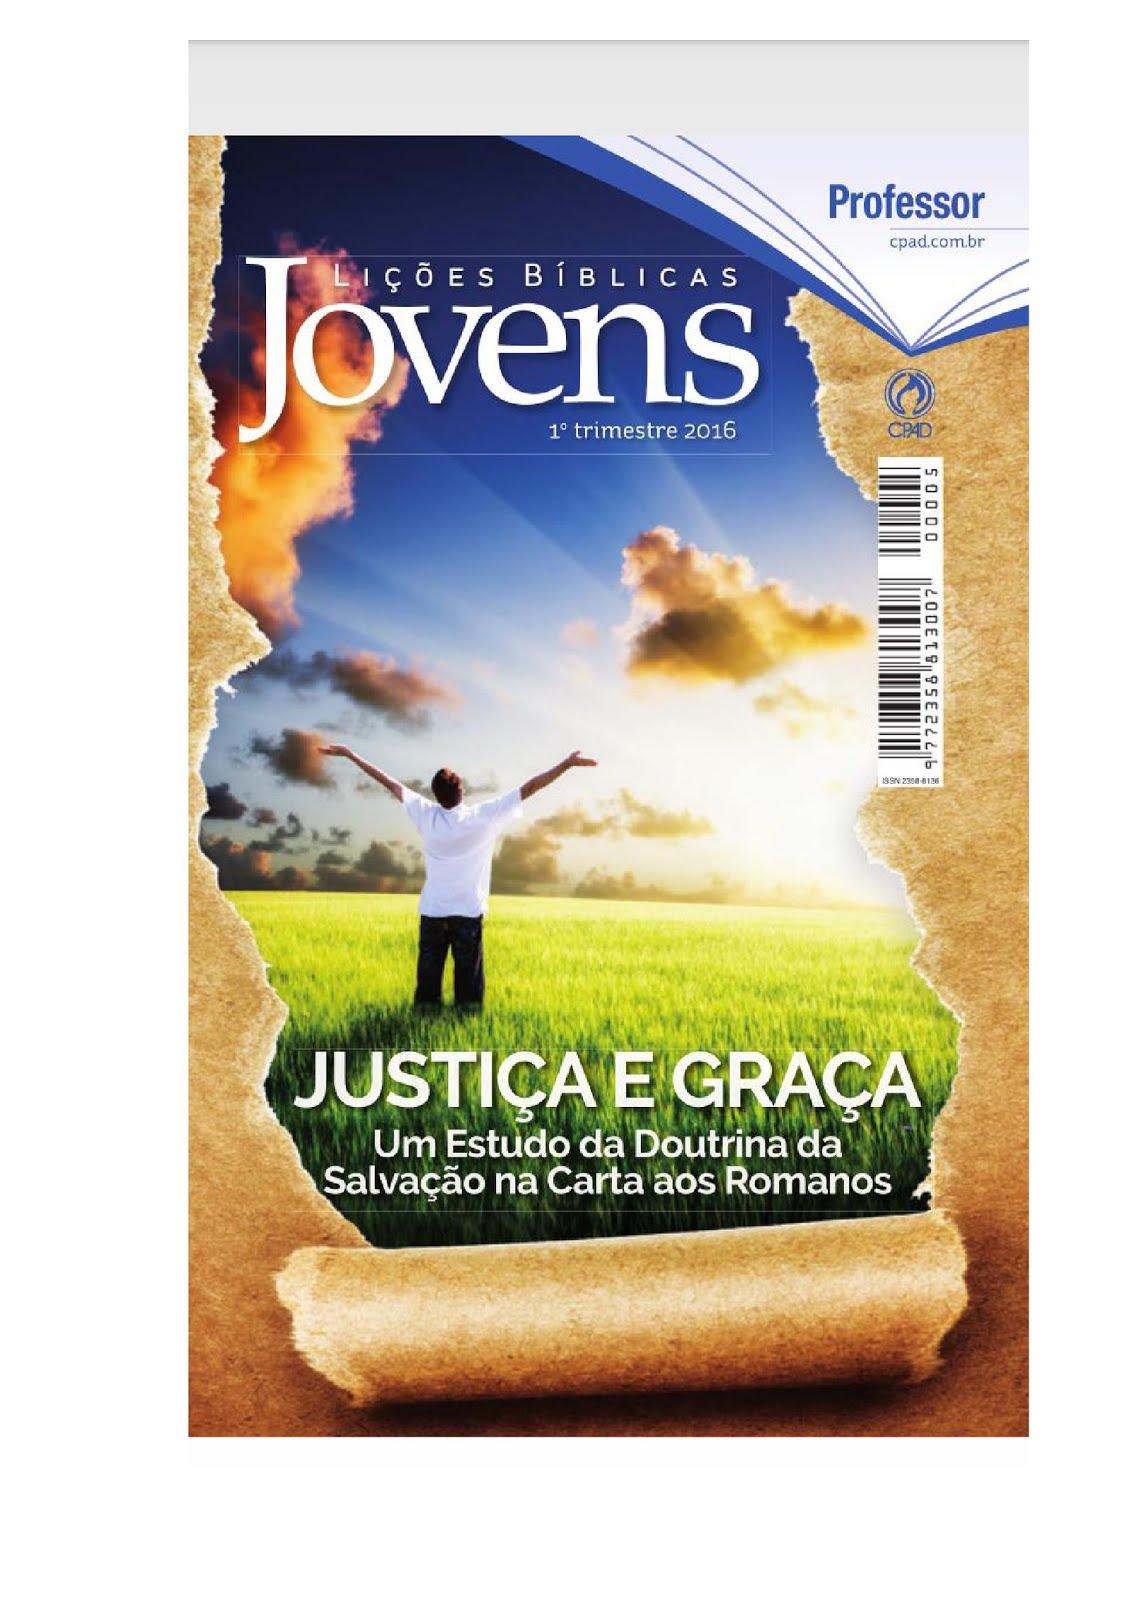 Revista dos Jovens